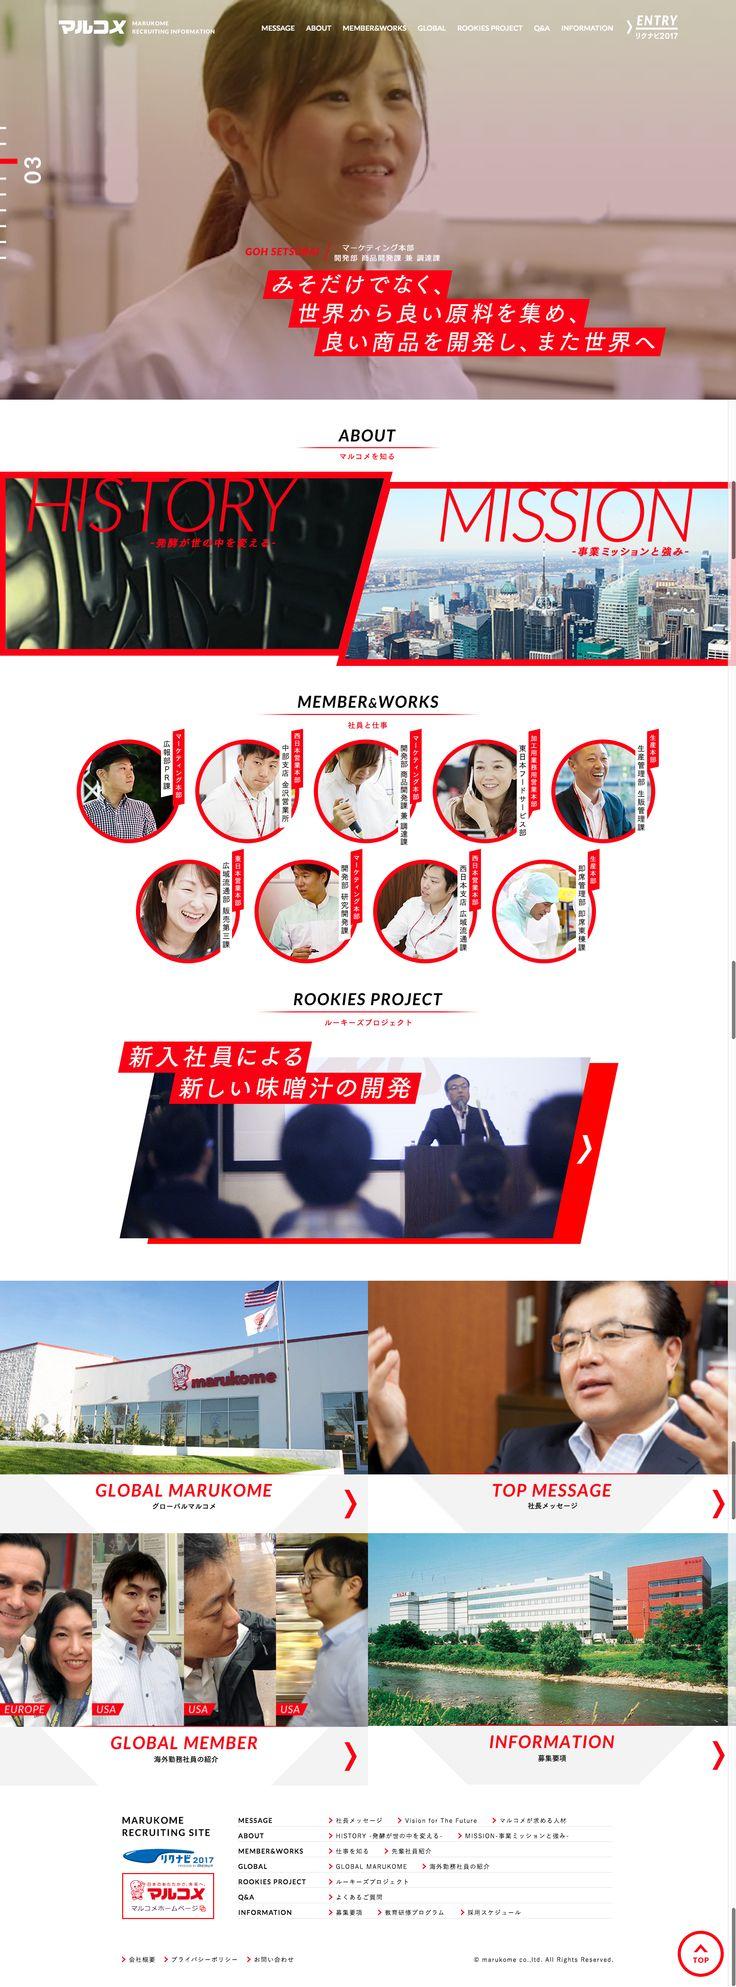 マルコメ株式会社 2017新卒採用 - MARUKOME RECRUITING INFORMATION 2017